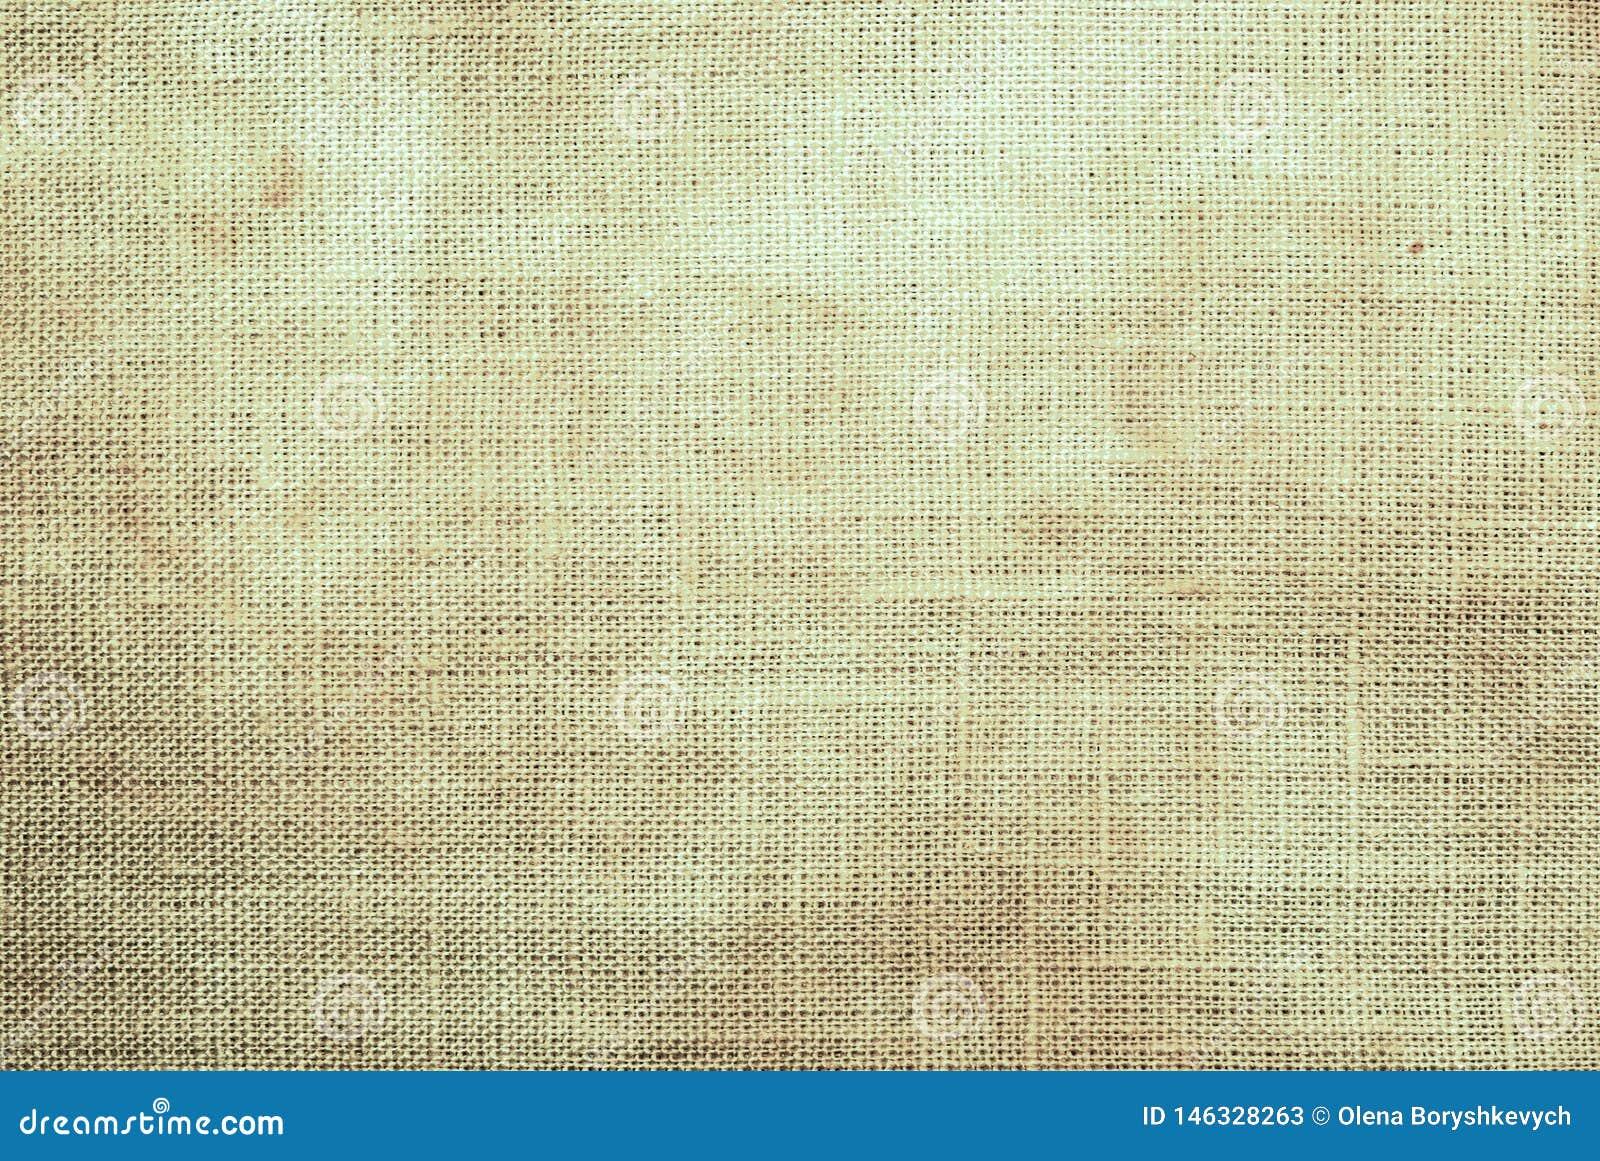 Fondo strutturato di tessuto sgualcito beige